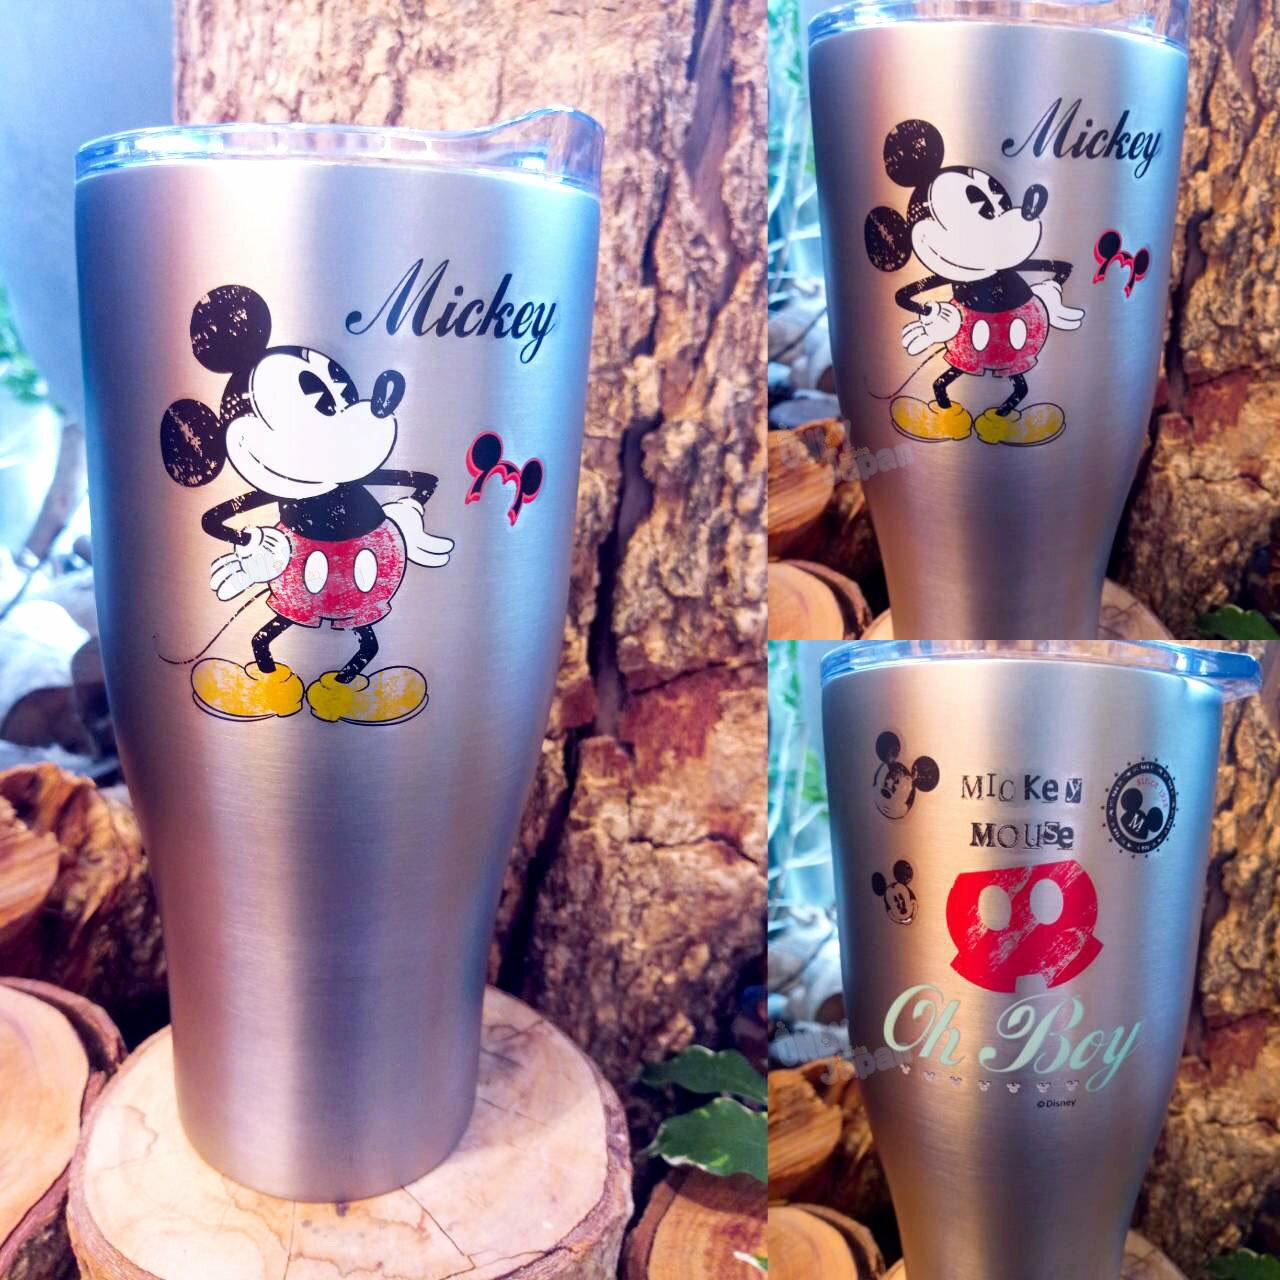 保溫杯 冰霸杯 杯 冰霸 冰 真空 保溫 保冷 水杯 米奇 不銹鋼 不鏽鋼 20112600014 真愛日本